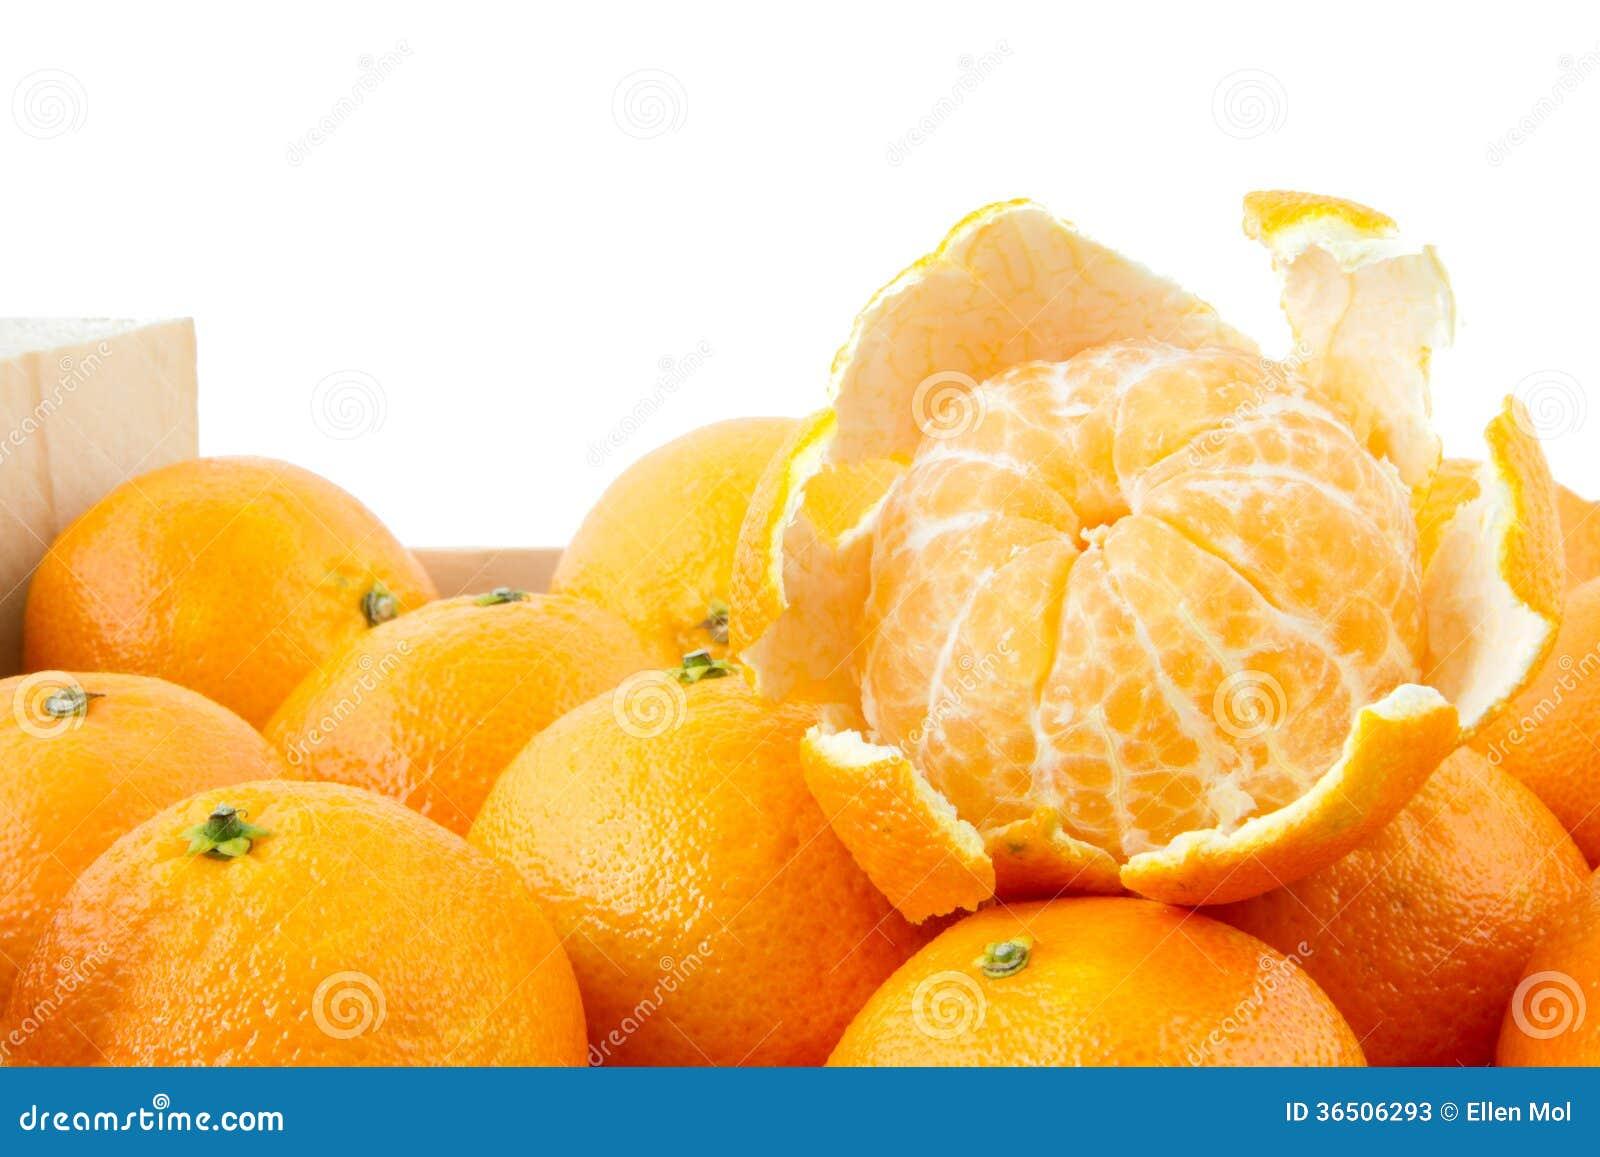 Mandarine épluchée sur la caisse